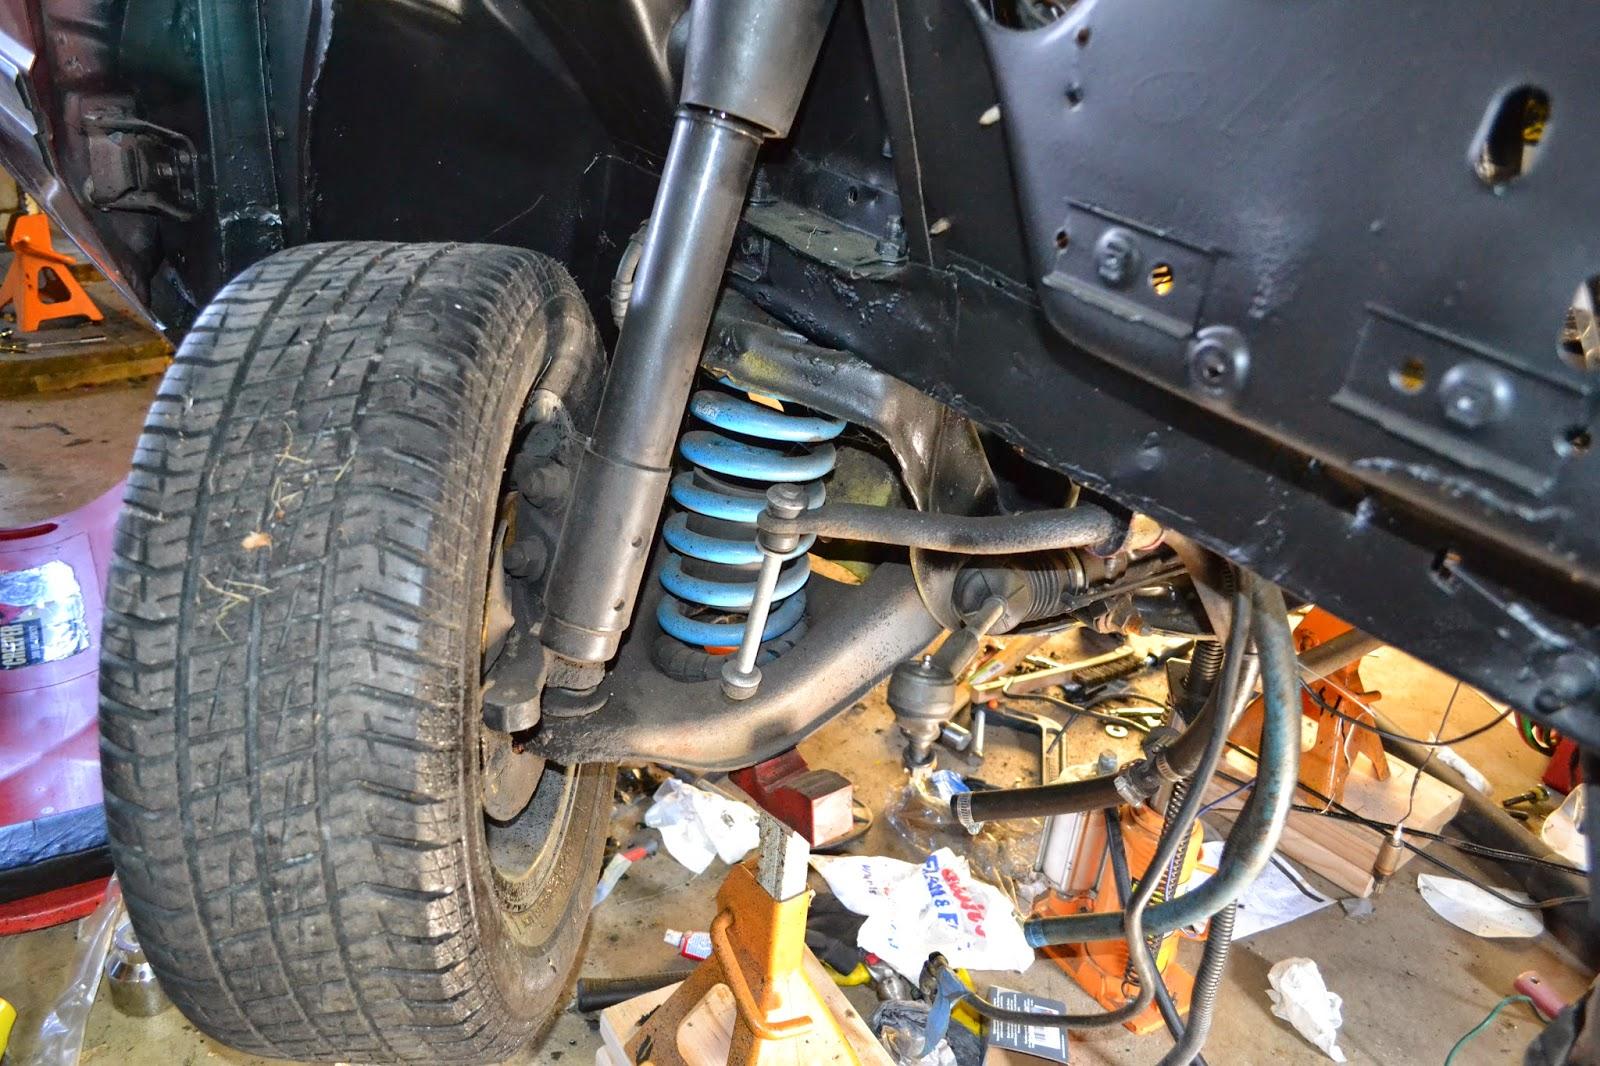 Fox Body Mustang Restoration 02 22 15